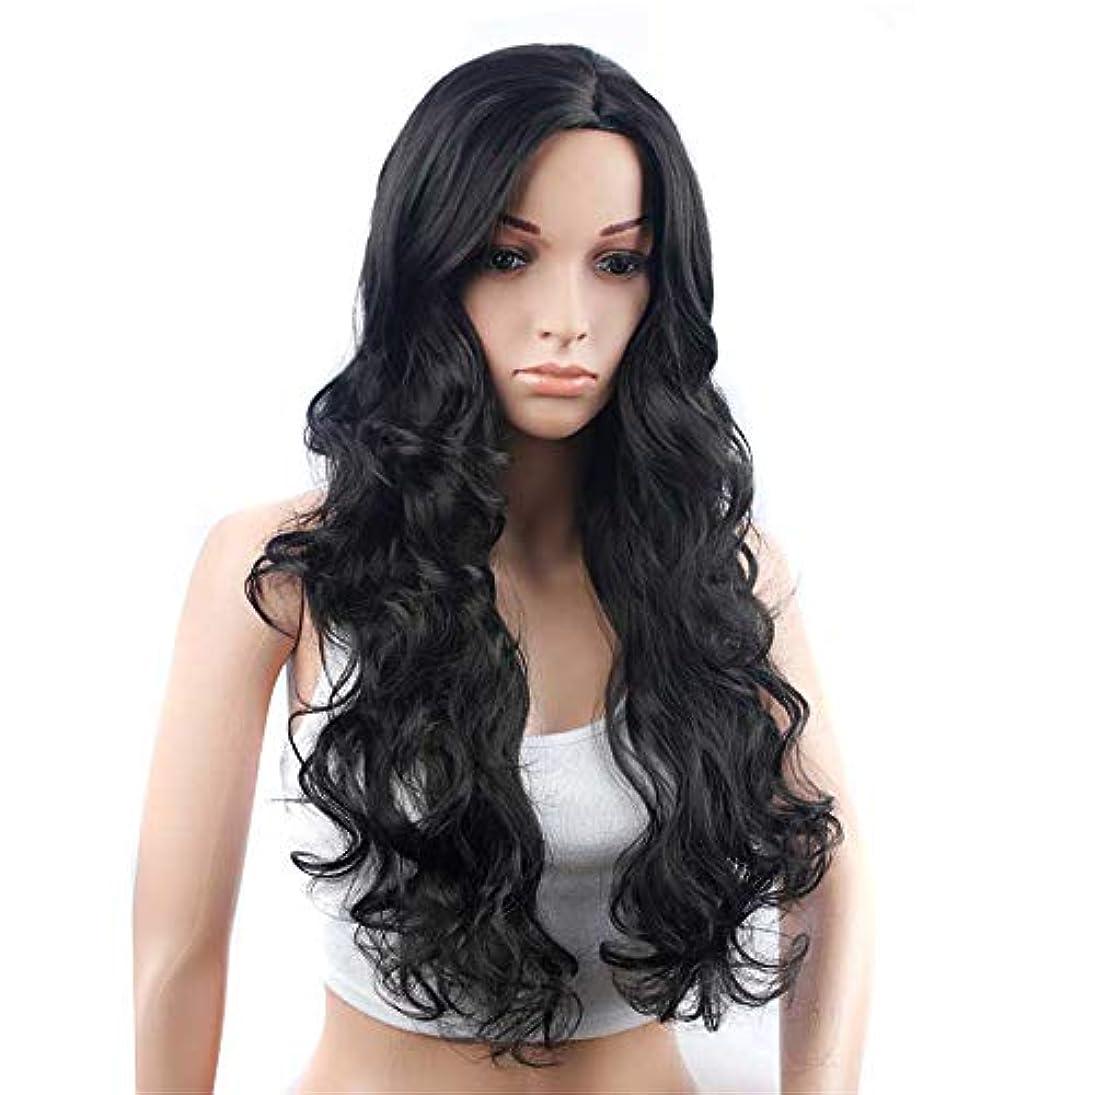 ビスケット分注する思い出ウィッグロングウェーブブラックカラーロングウェーブ人工毛高温繊維ヘアスタイル女性用髪の毛ナチュラルミドルパート耐熱ヘアプレイ、ハロウィン23インチ